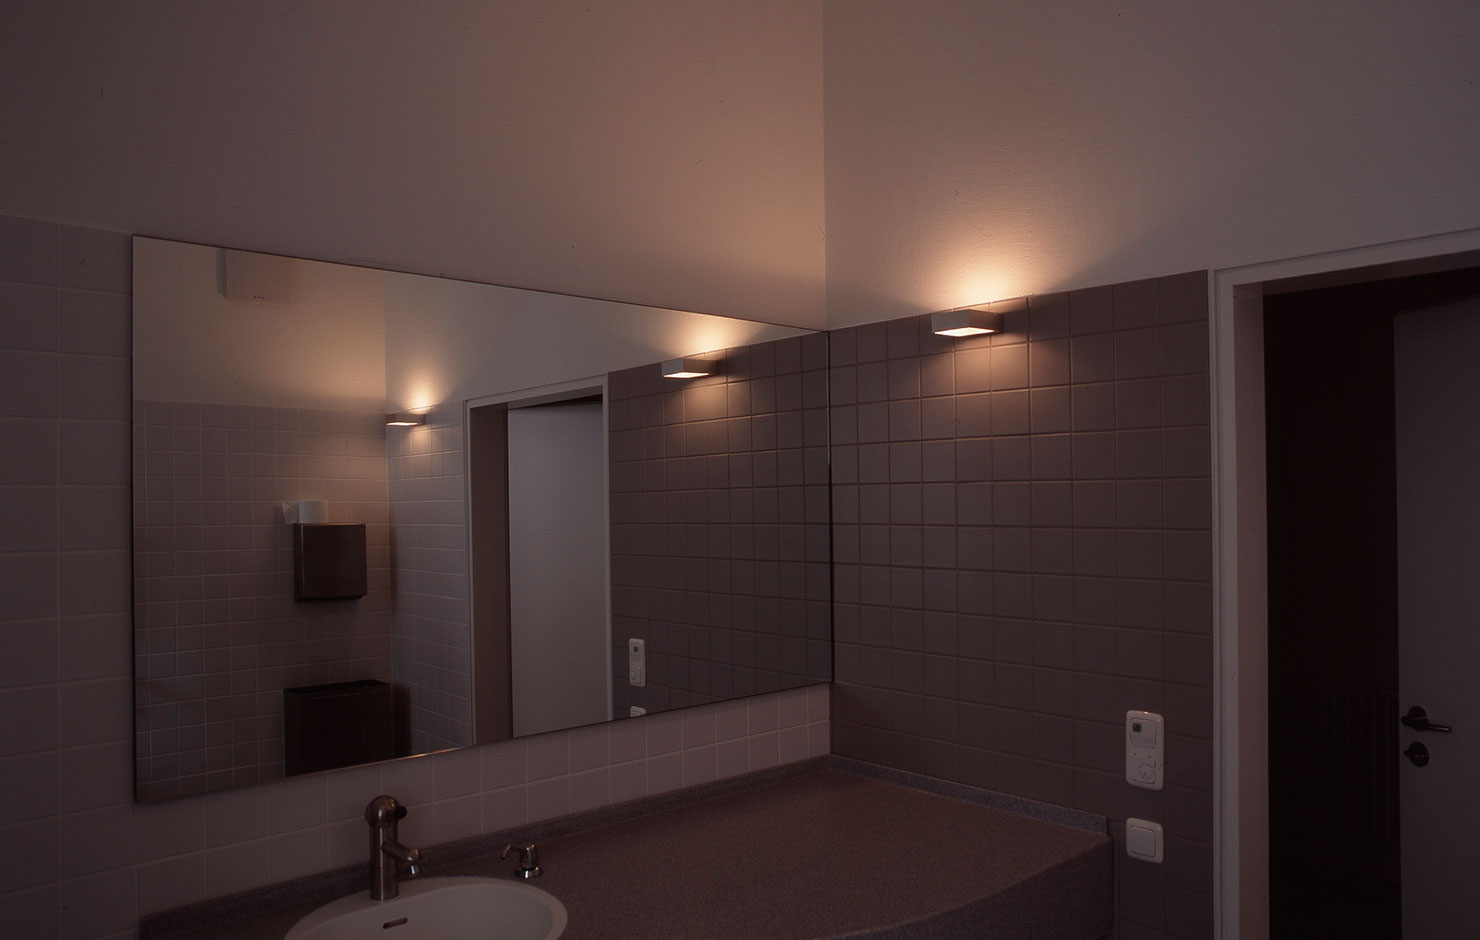 Badezimmerspiegel Beleuchtung - SiglLicht